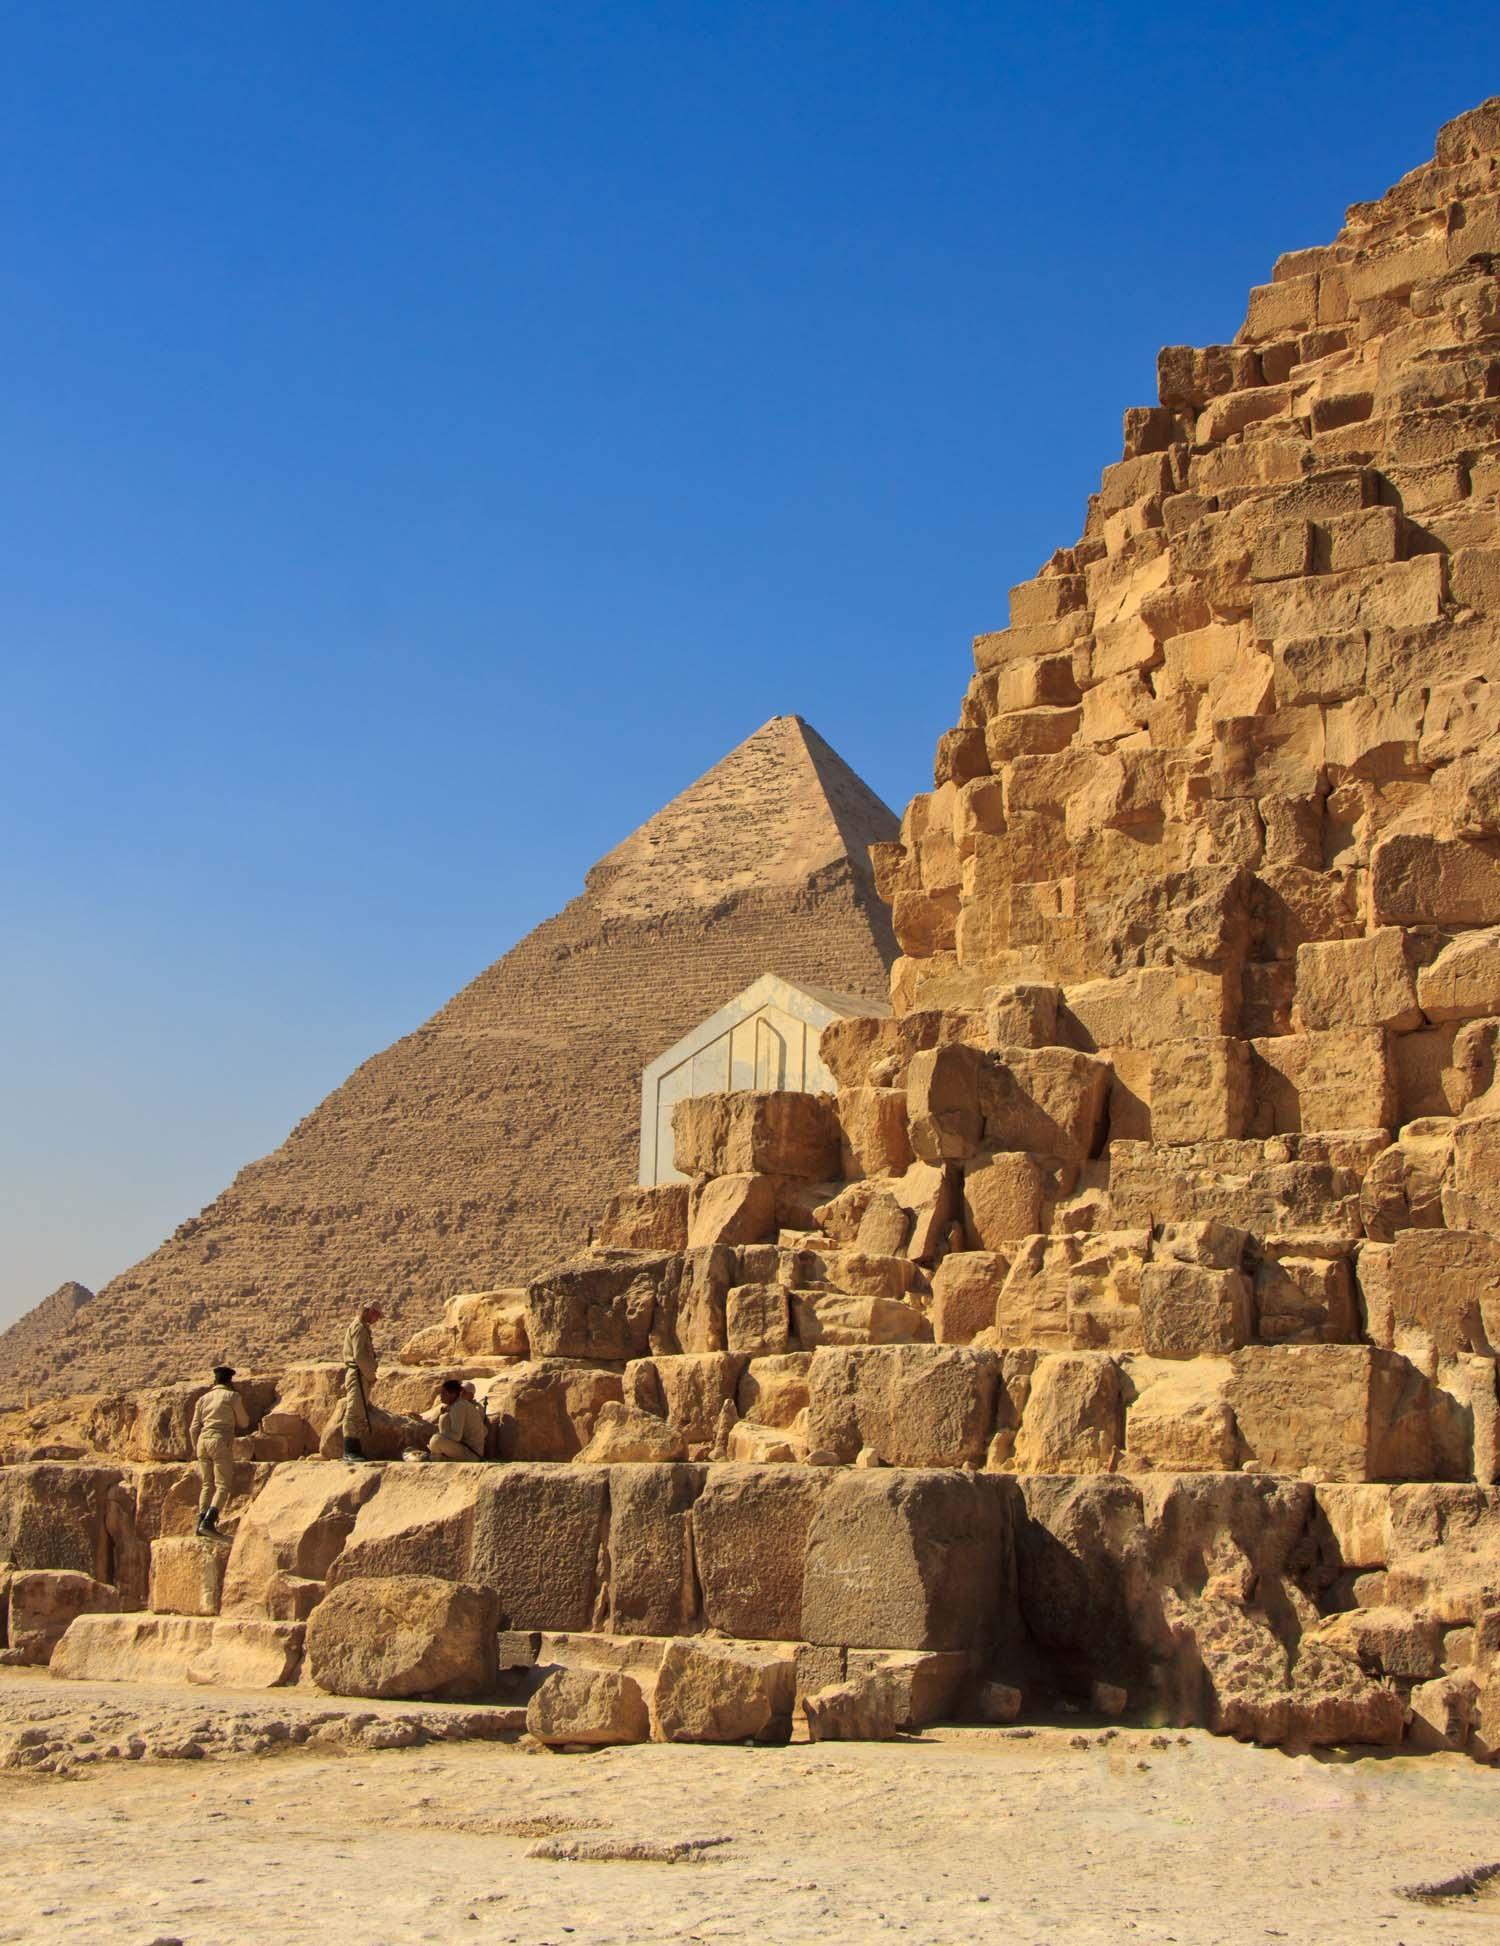 два картинки или фото египта можно использовать